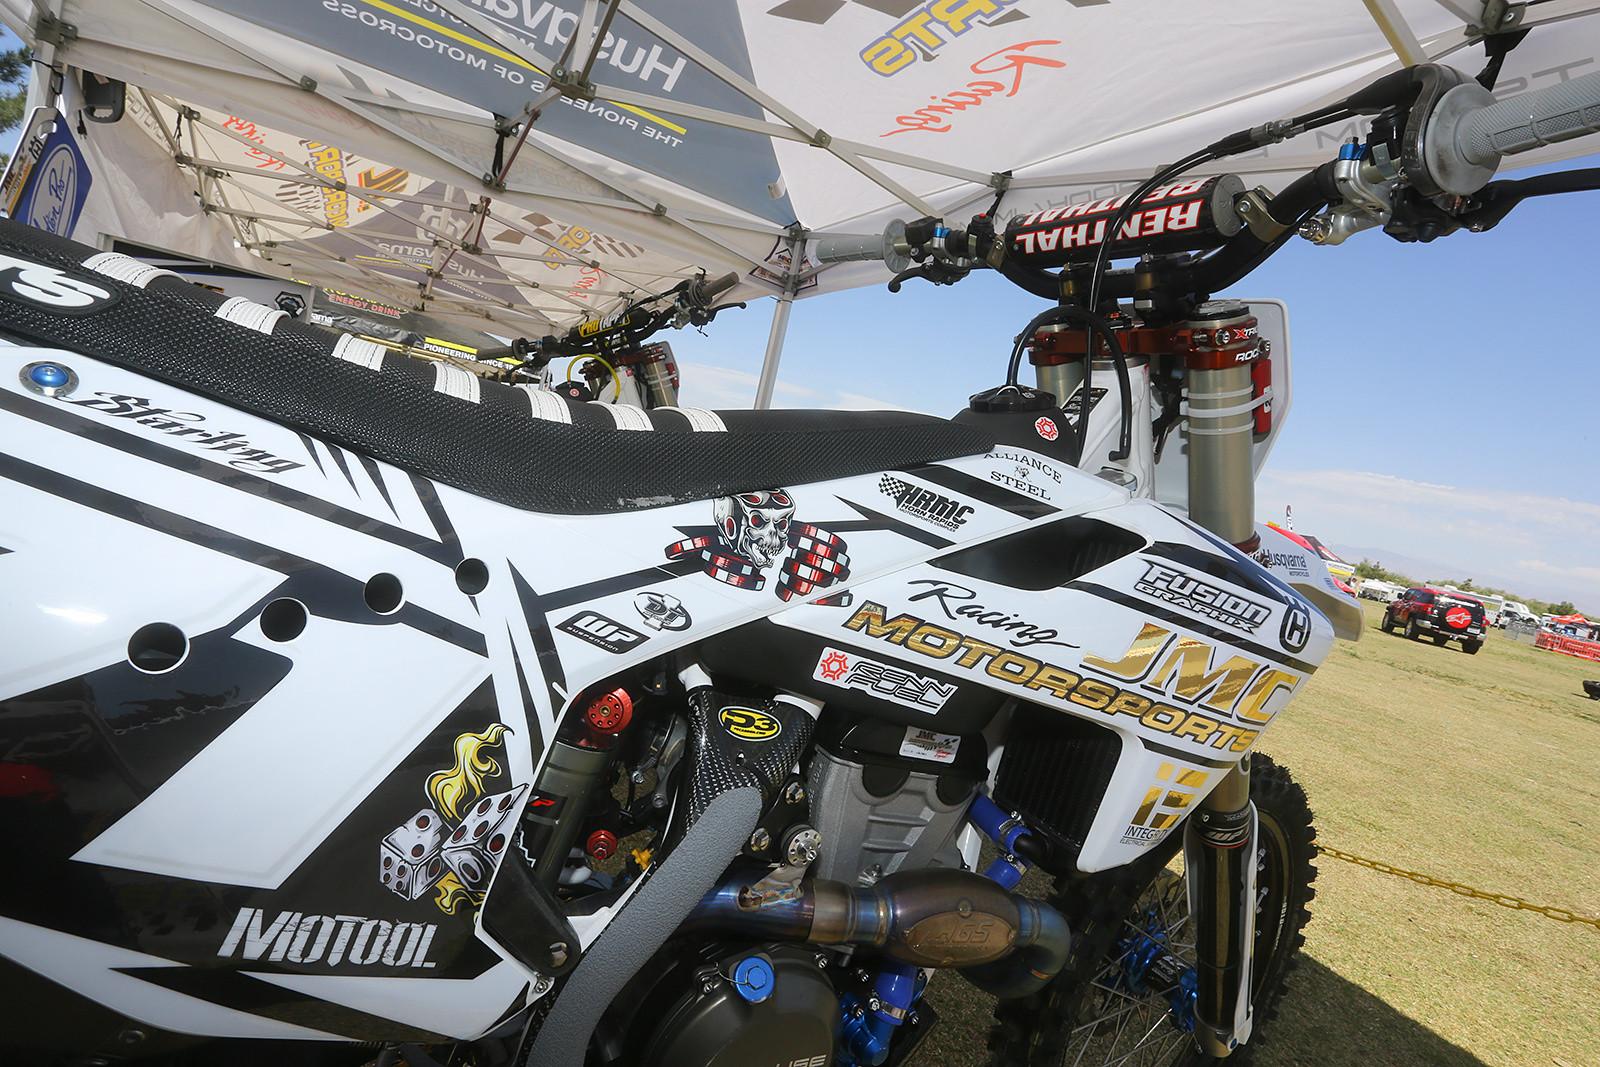 Justin Starling - Vital MX Pit Bits: Las Vegas - Motocross Pictures - Vital MX